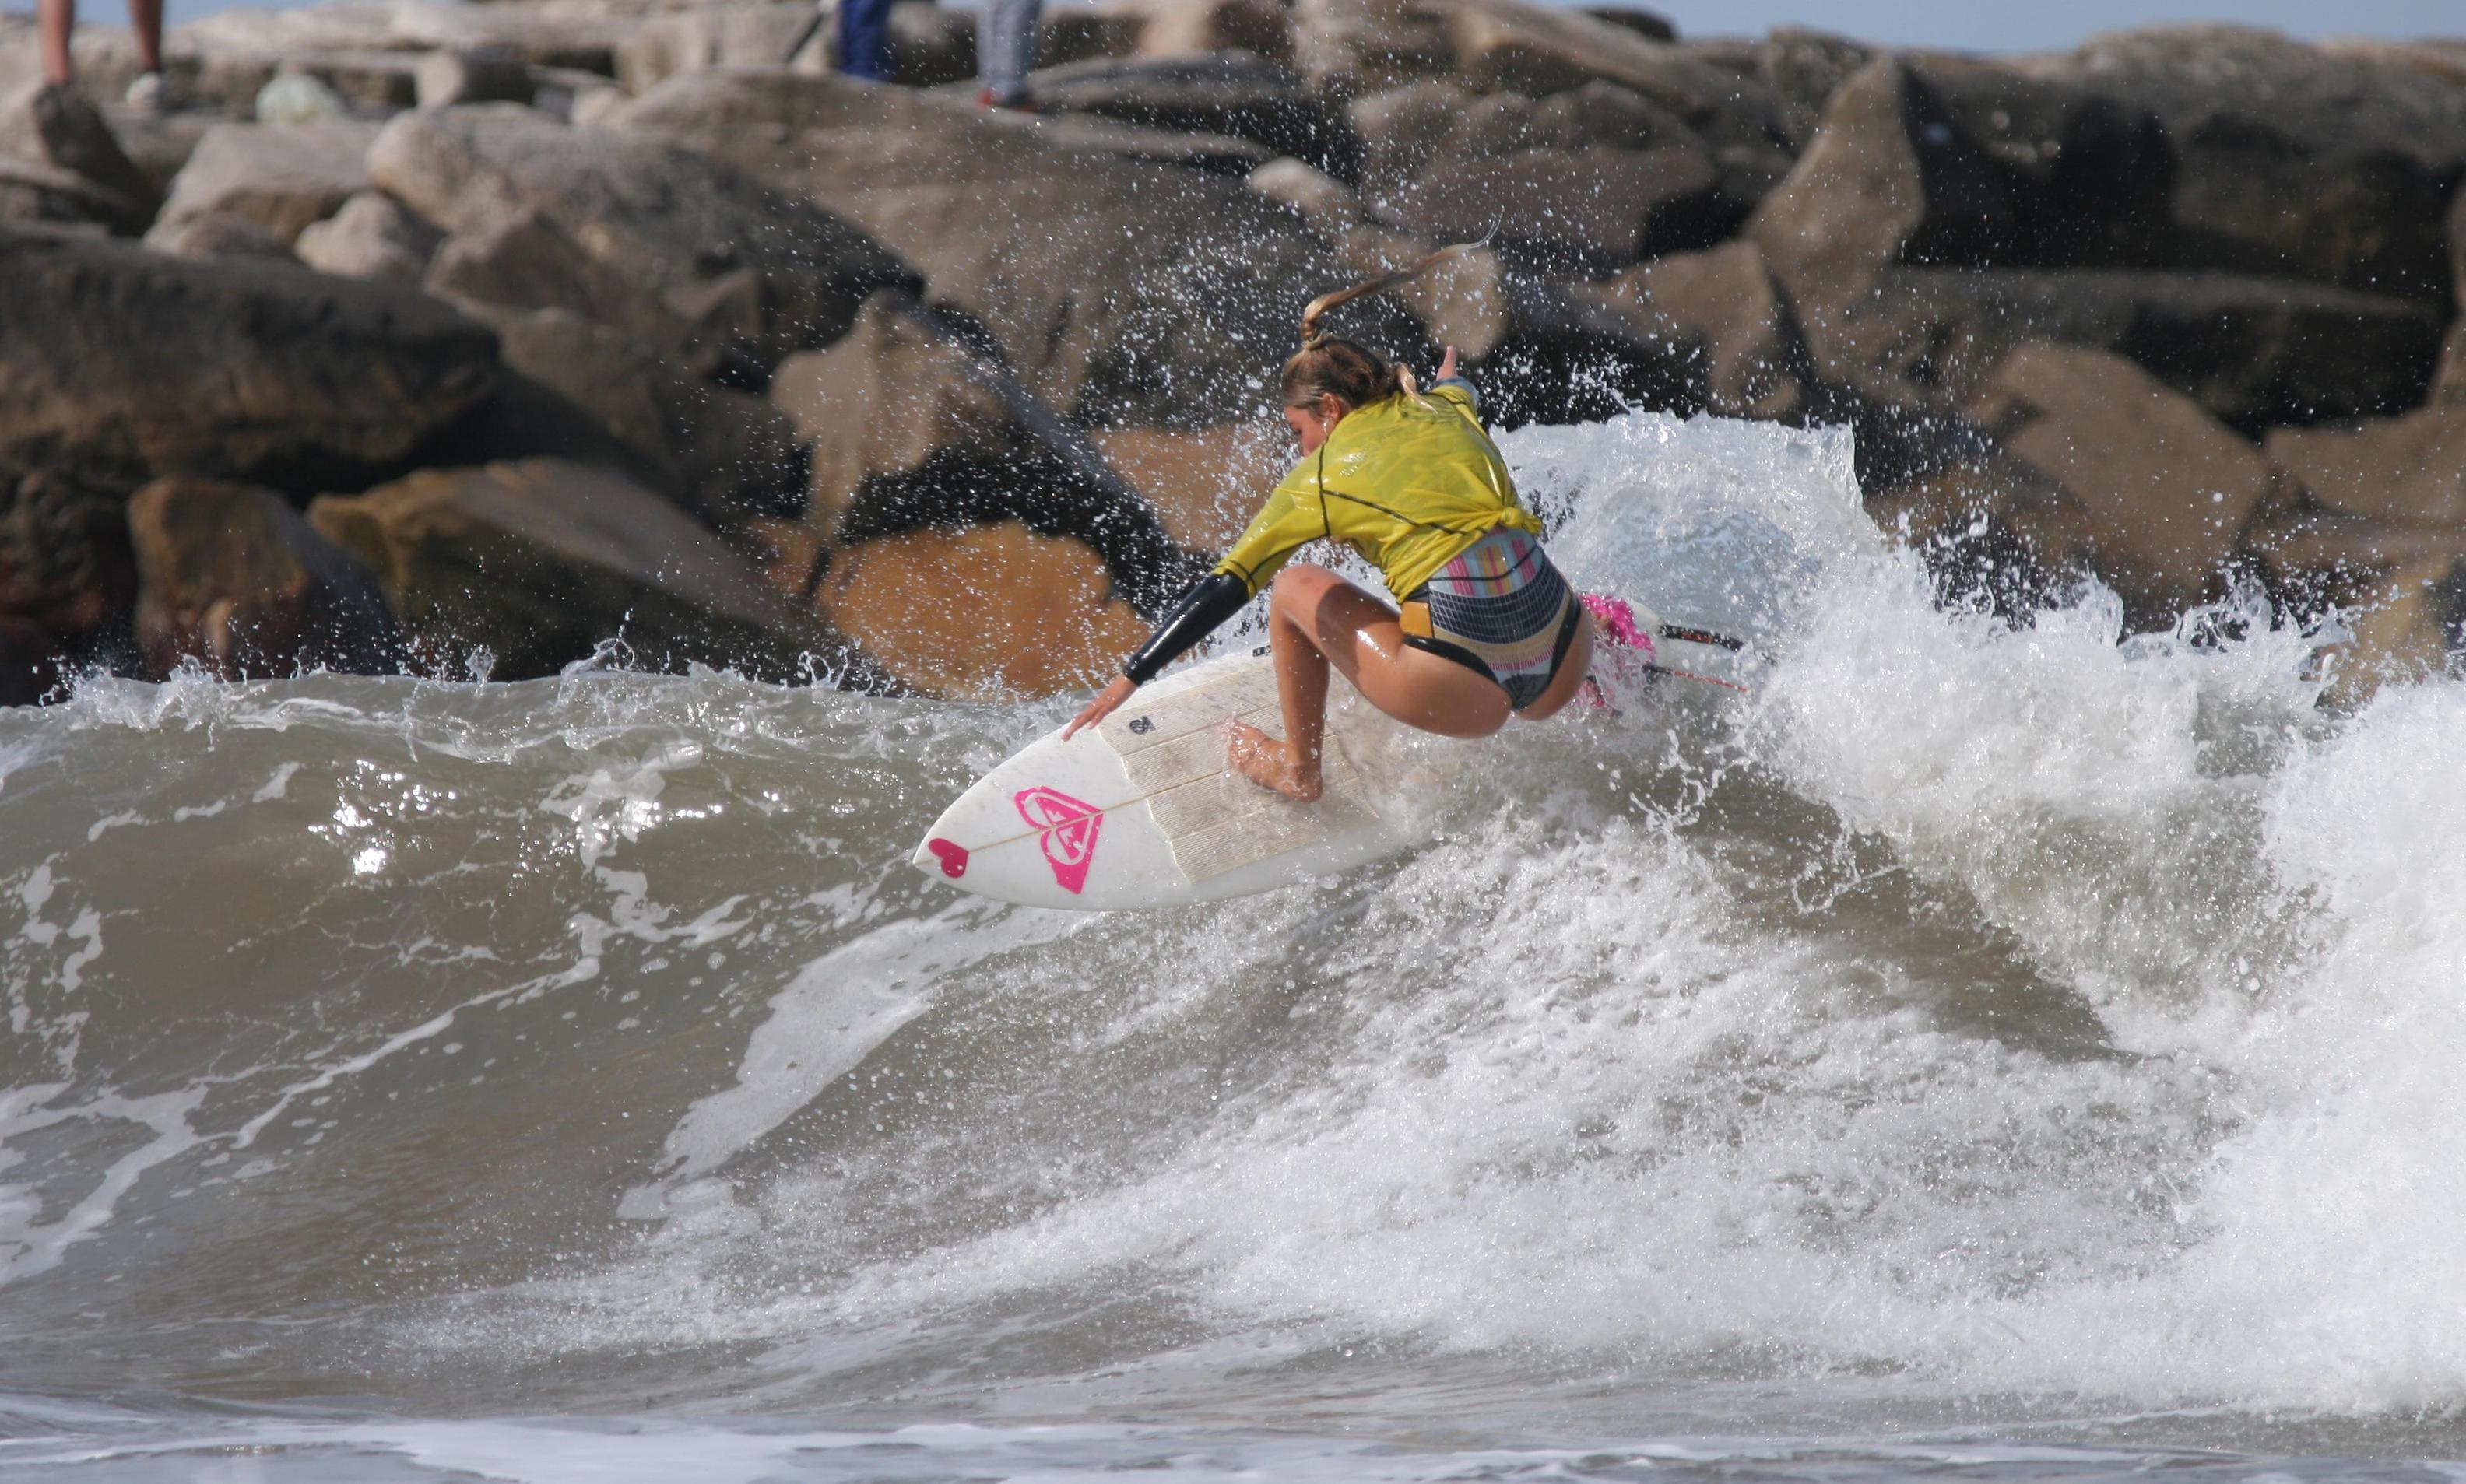 Hay futuro: el equipo de chicos que arrasó en el surf nacional